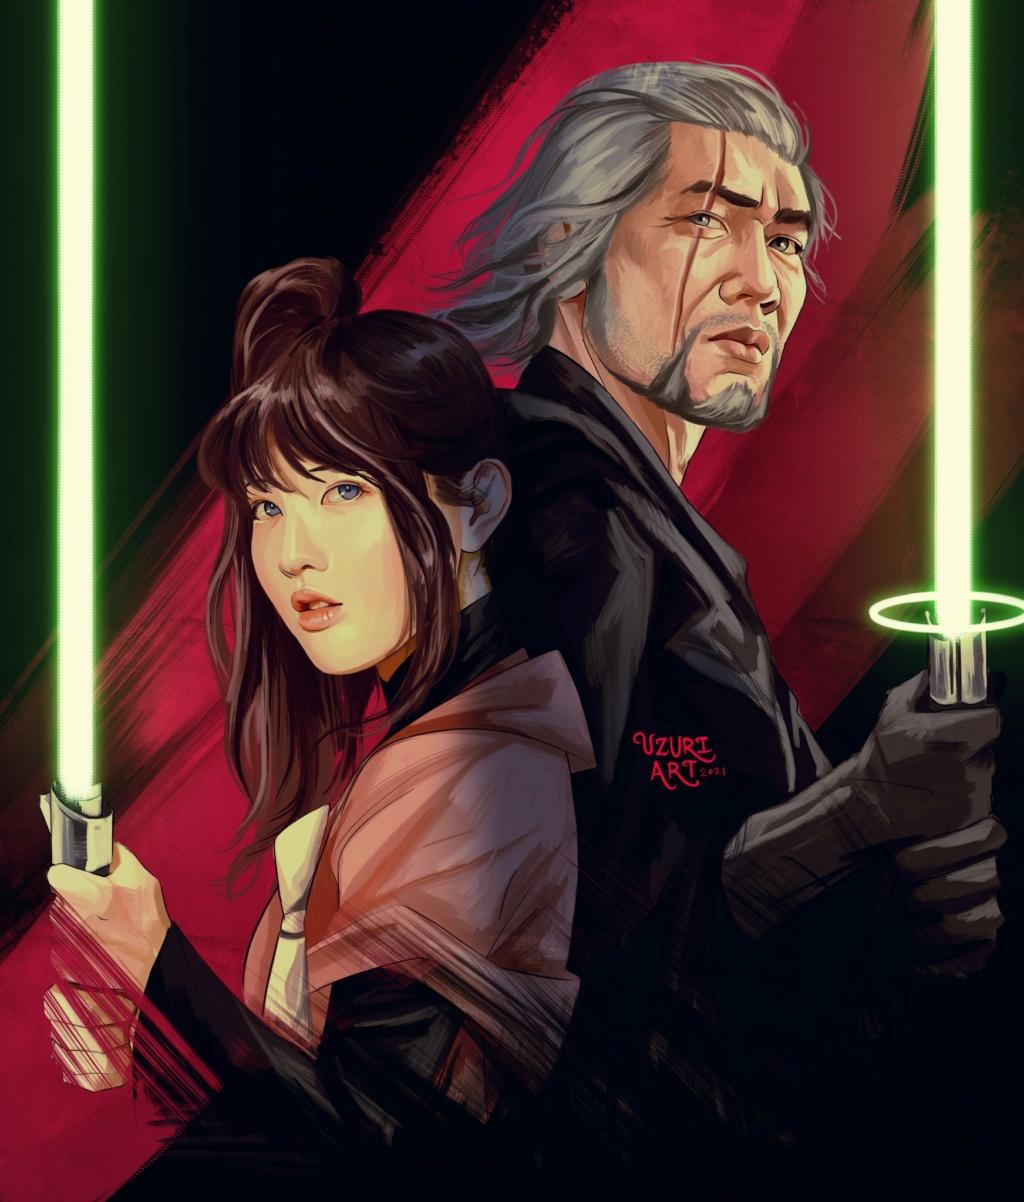 Digital Art par UZURI ART - Star Wars - Page 4 Uzuri_96